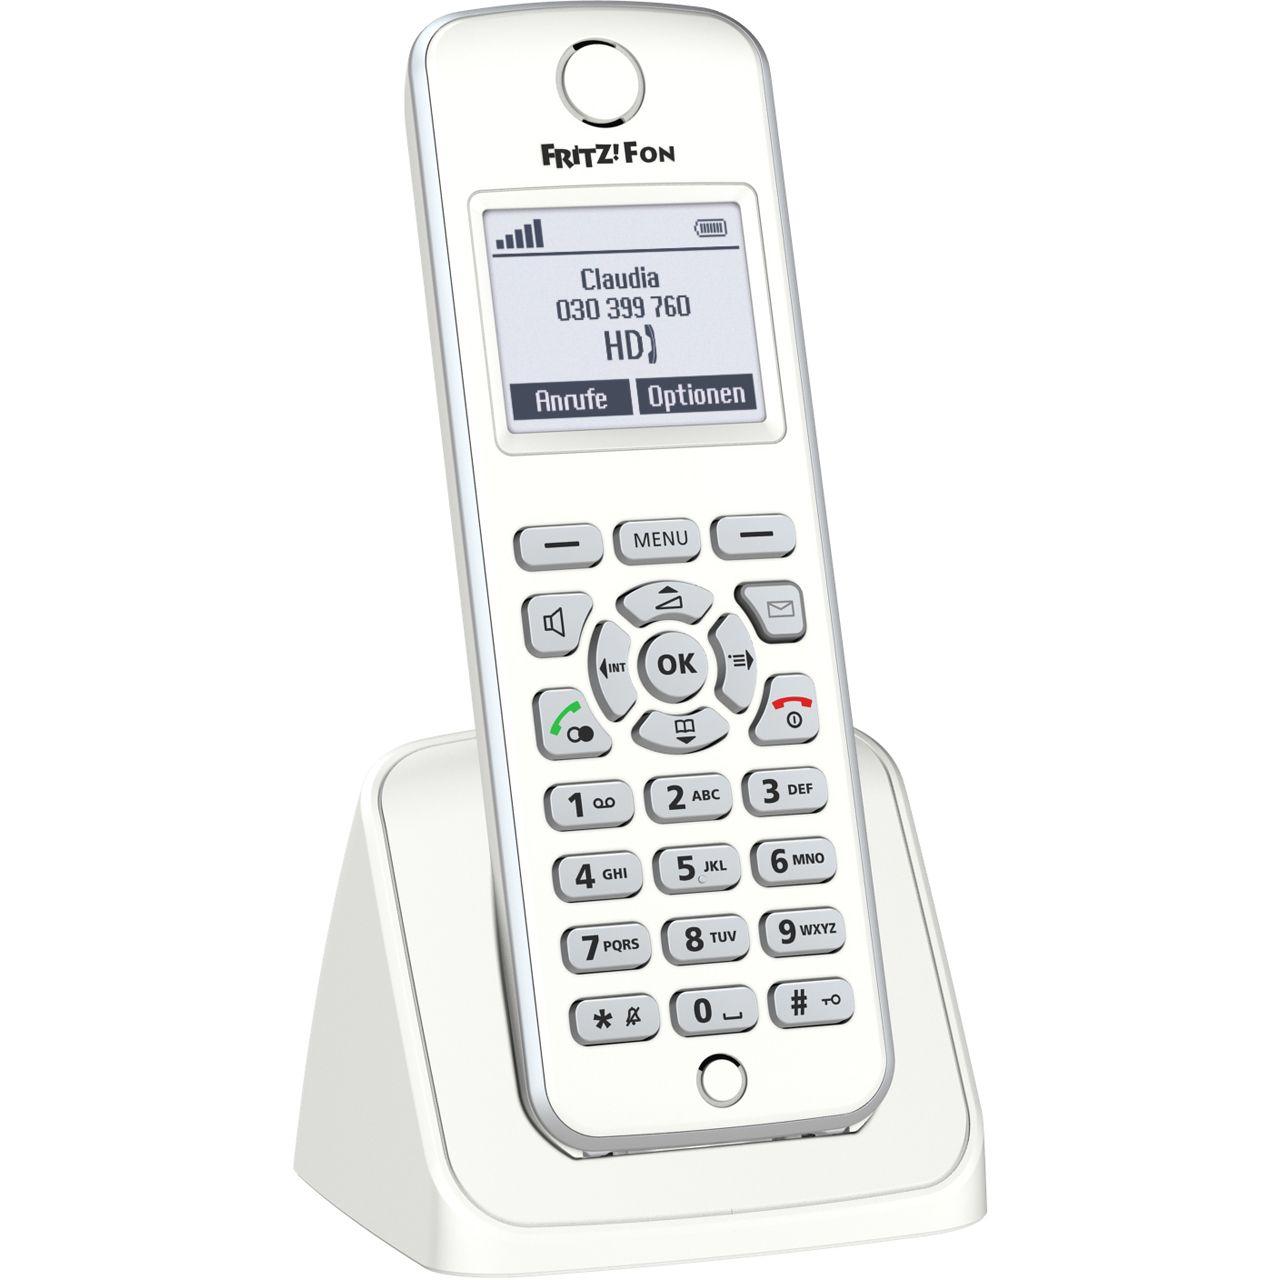 avm fritz fon m2 schnurlos schnurlose telefone speichermodule ssds usb sticks. Black Bedroom Furniture Sets. Home Design Ideas